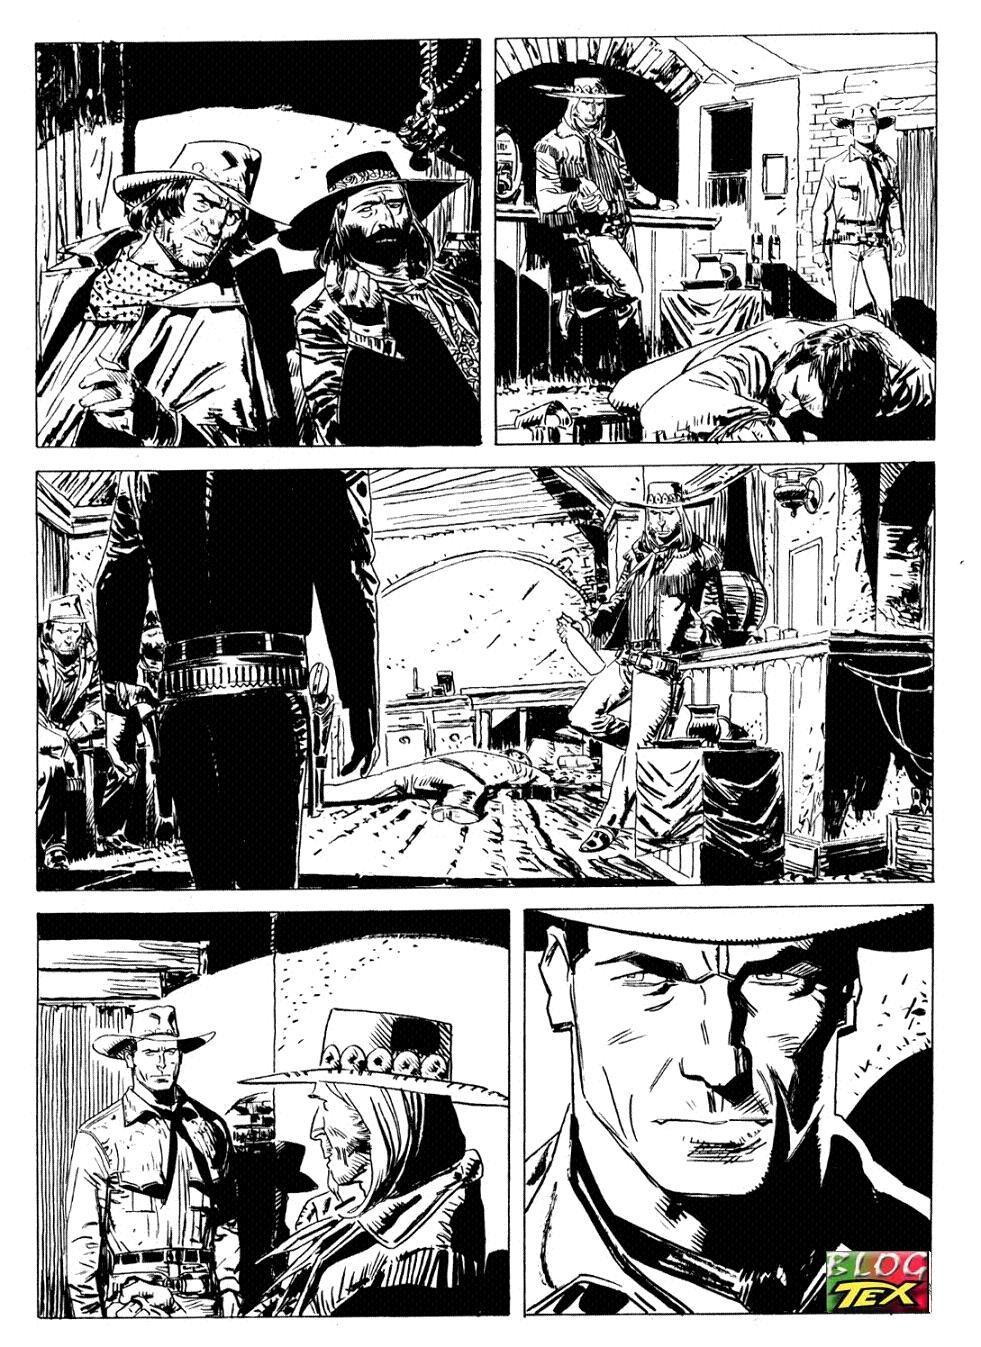 Página inédita de Tex - 1